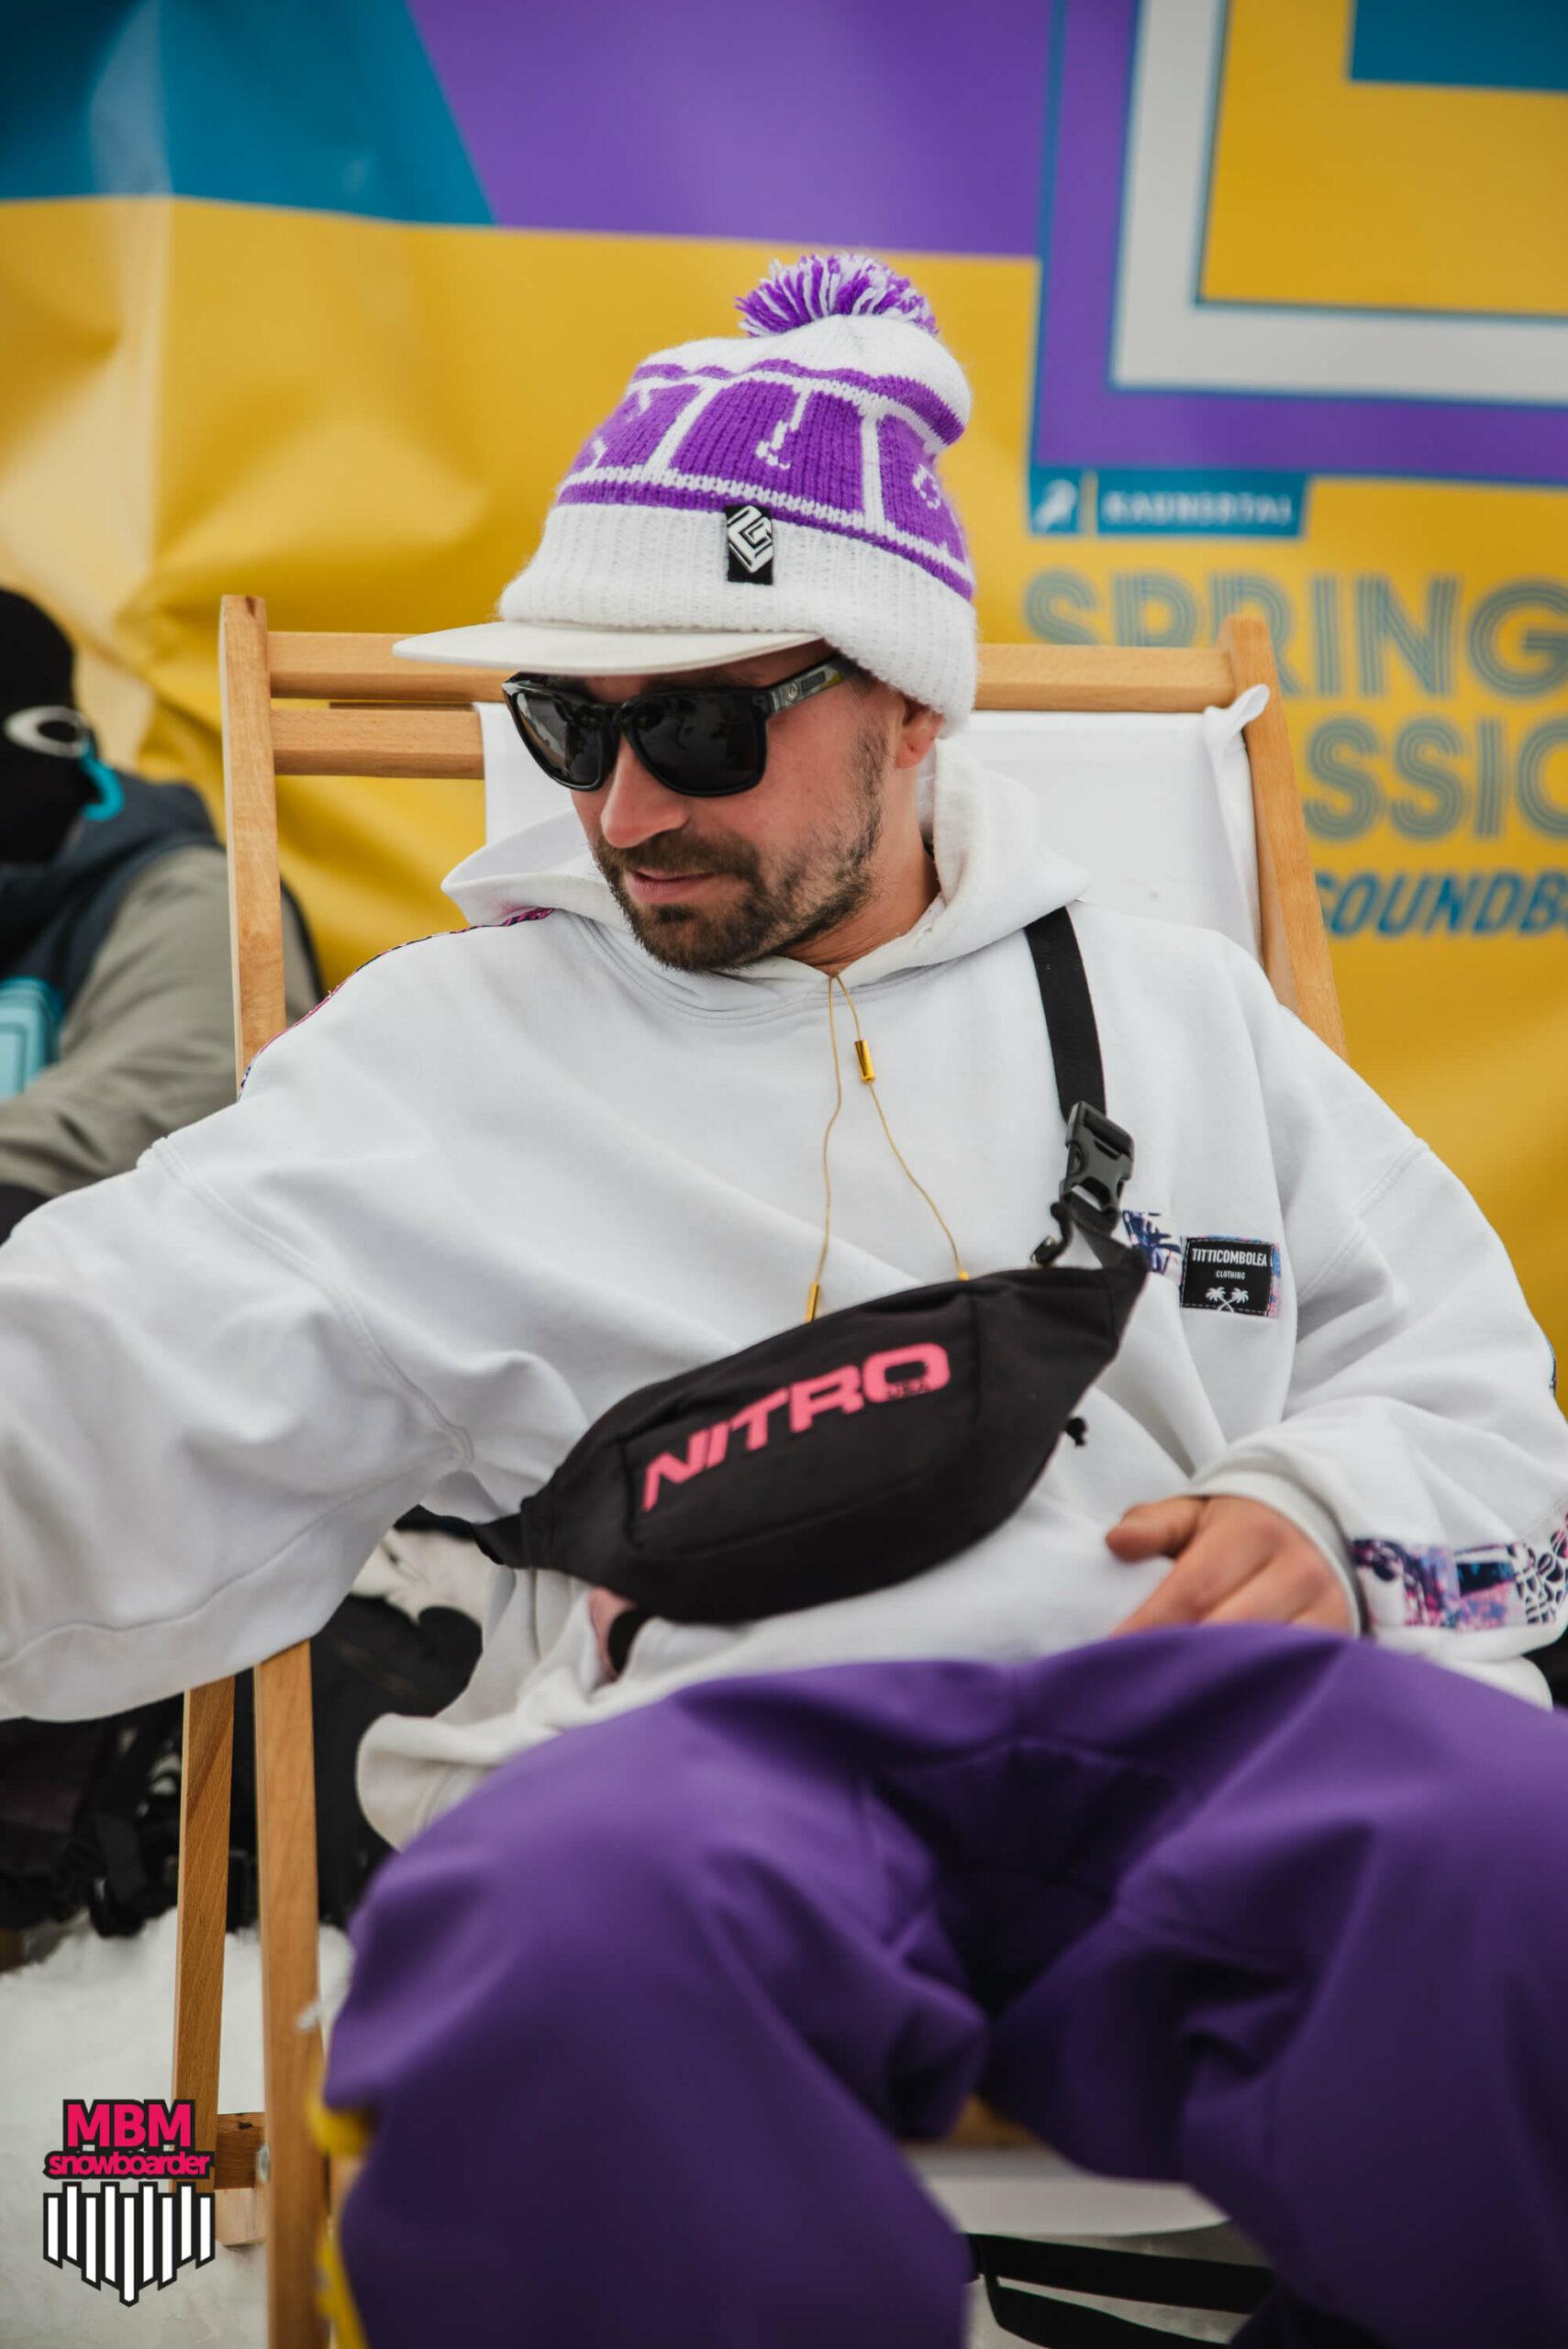 snowboarderMBM_sd_kaunertal_079